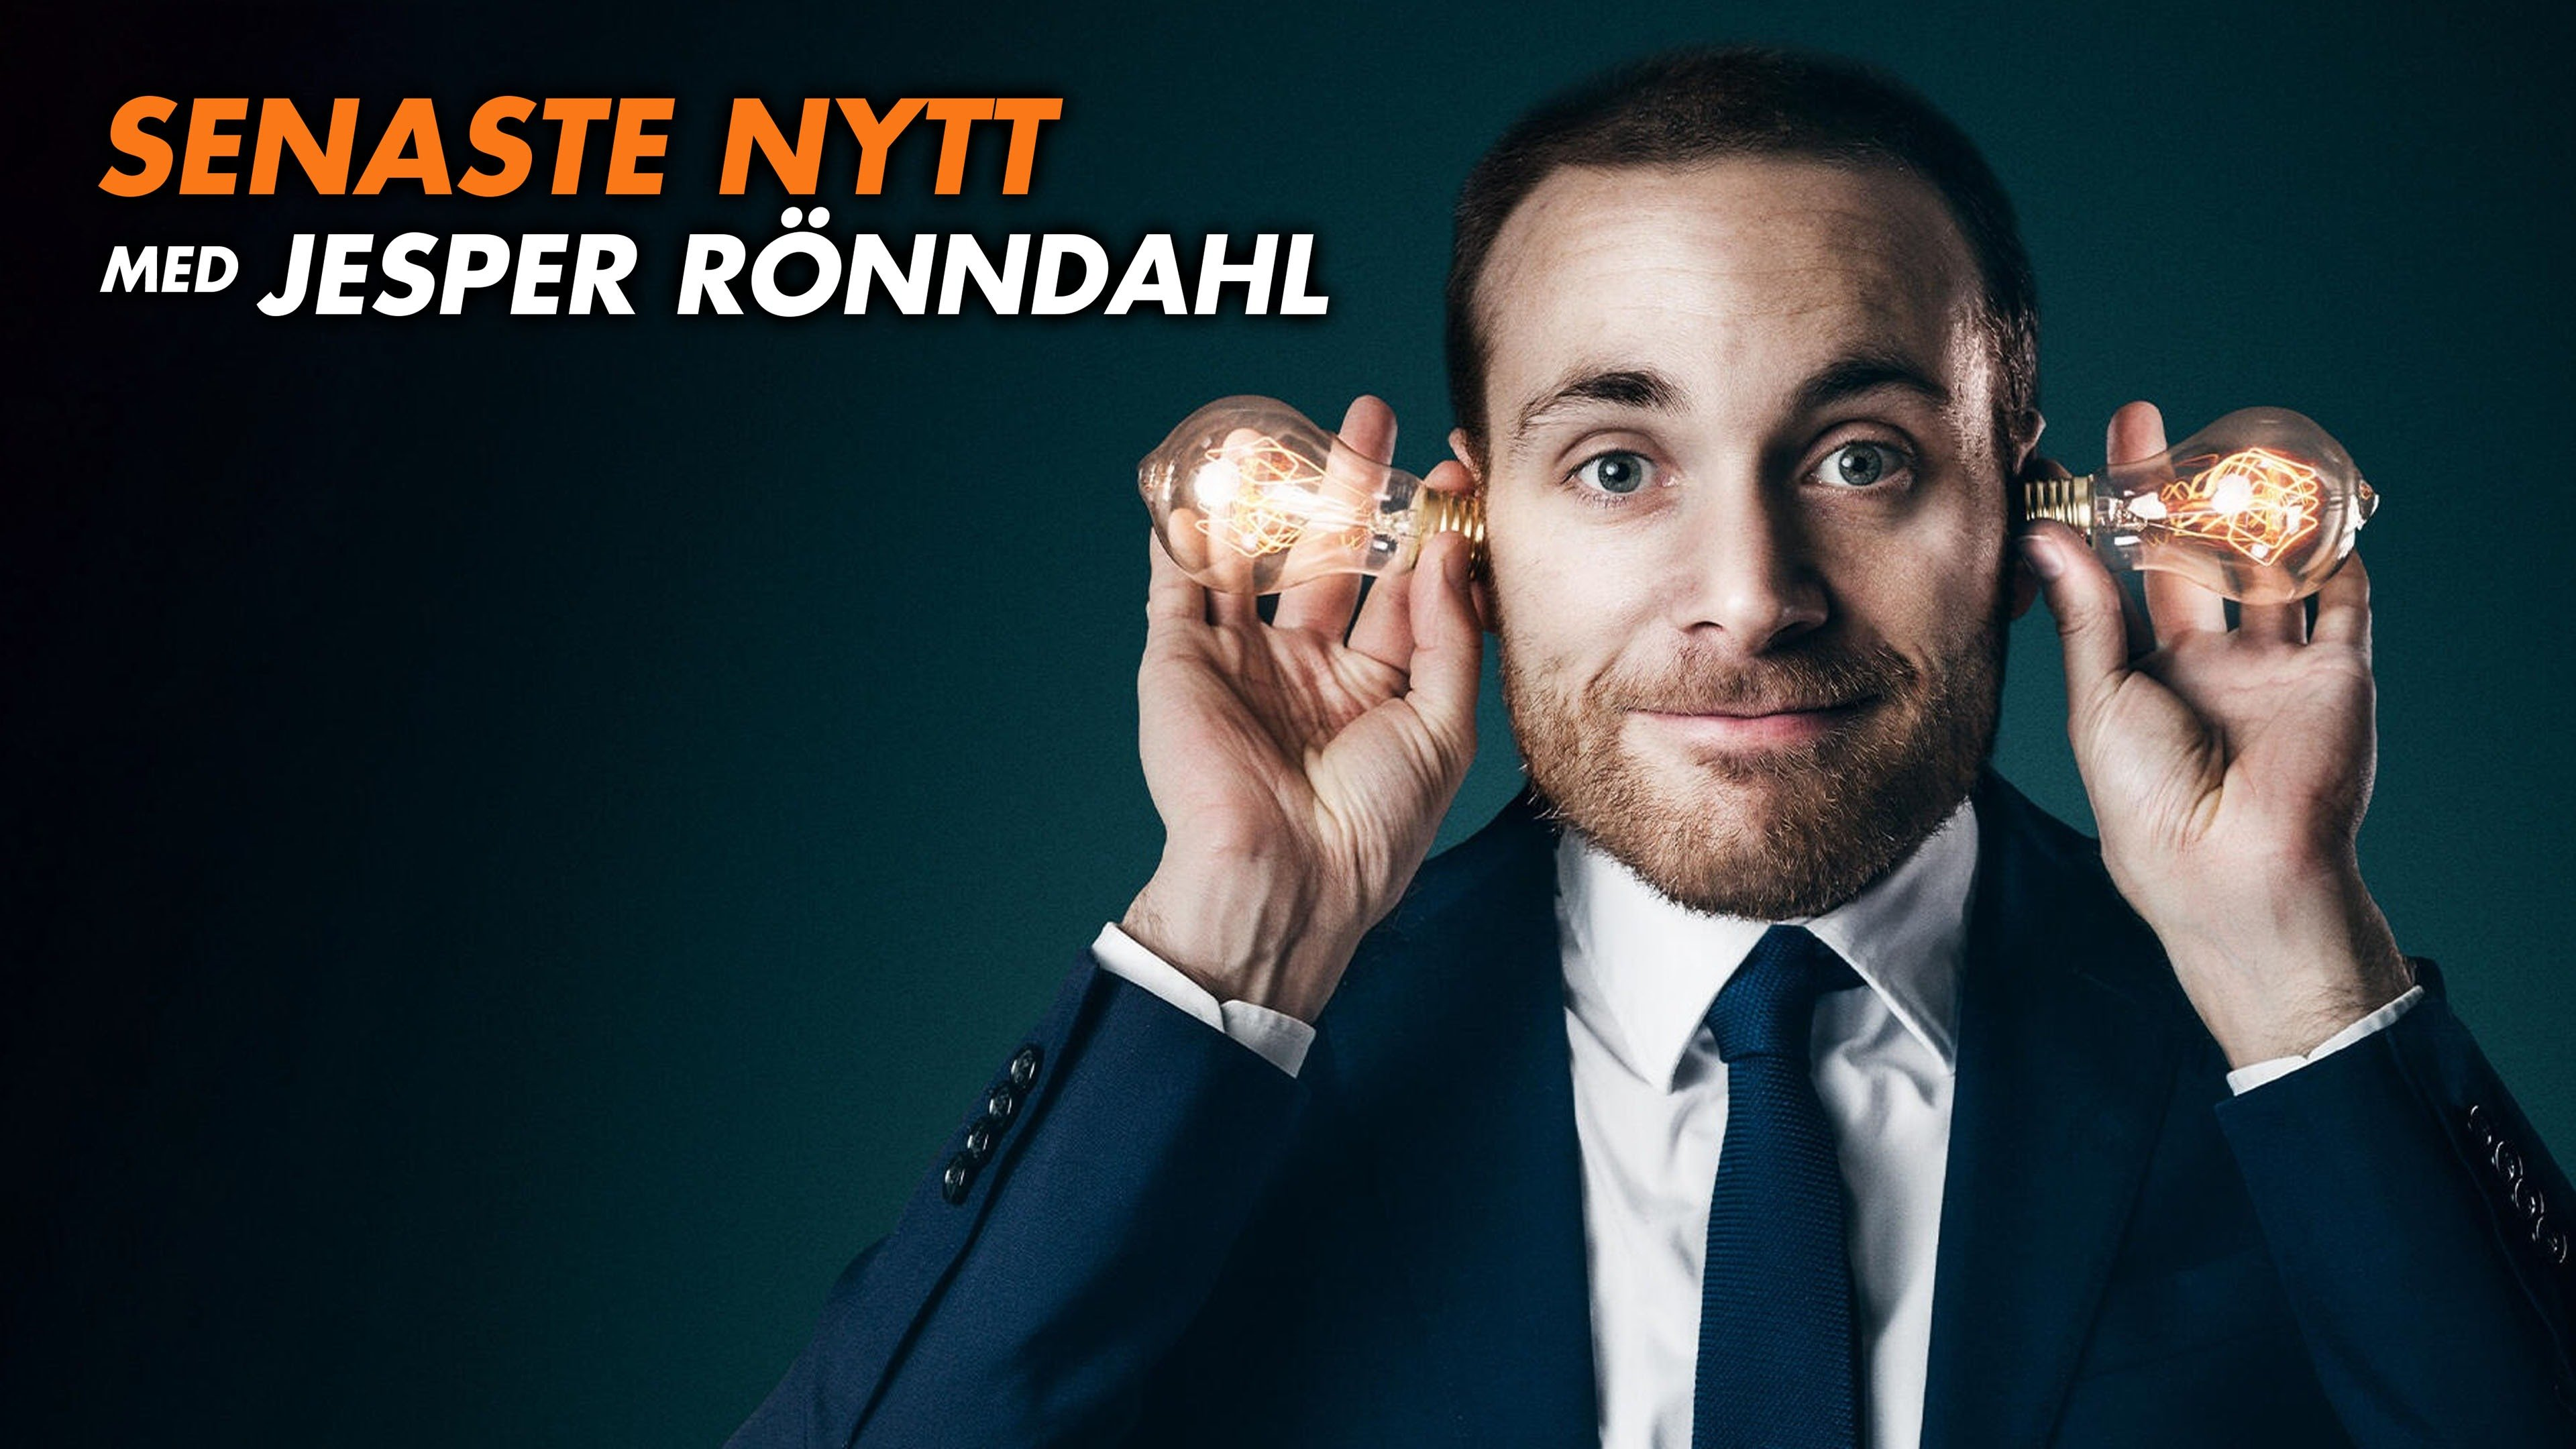 Senaste nytt med Jesper Rönndahl